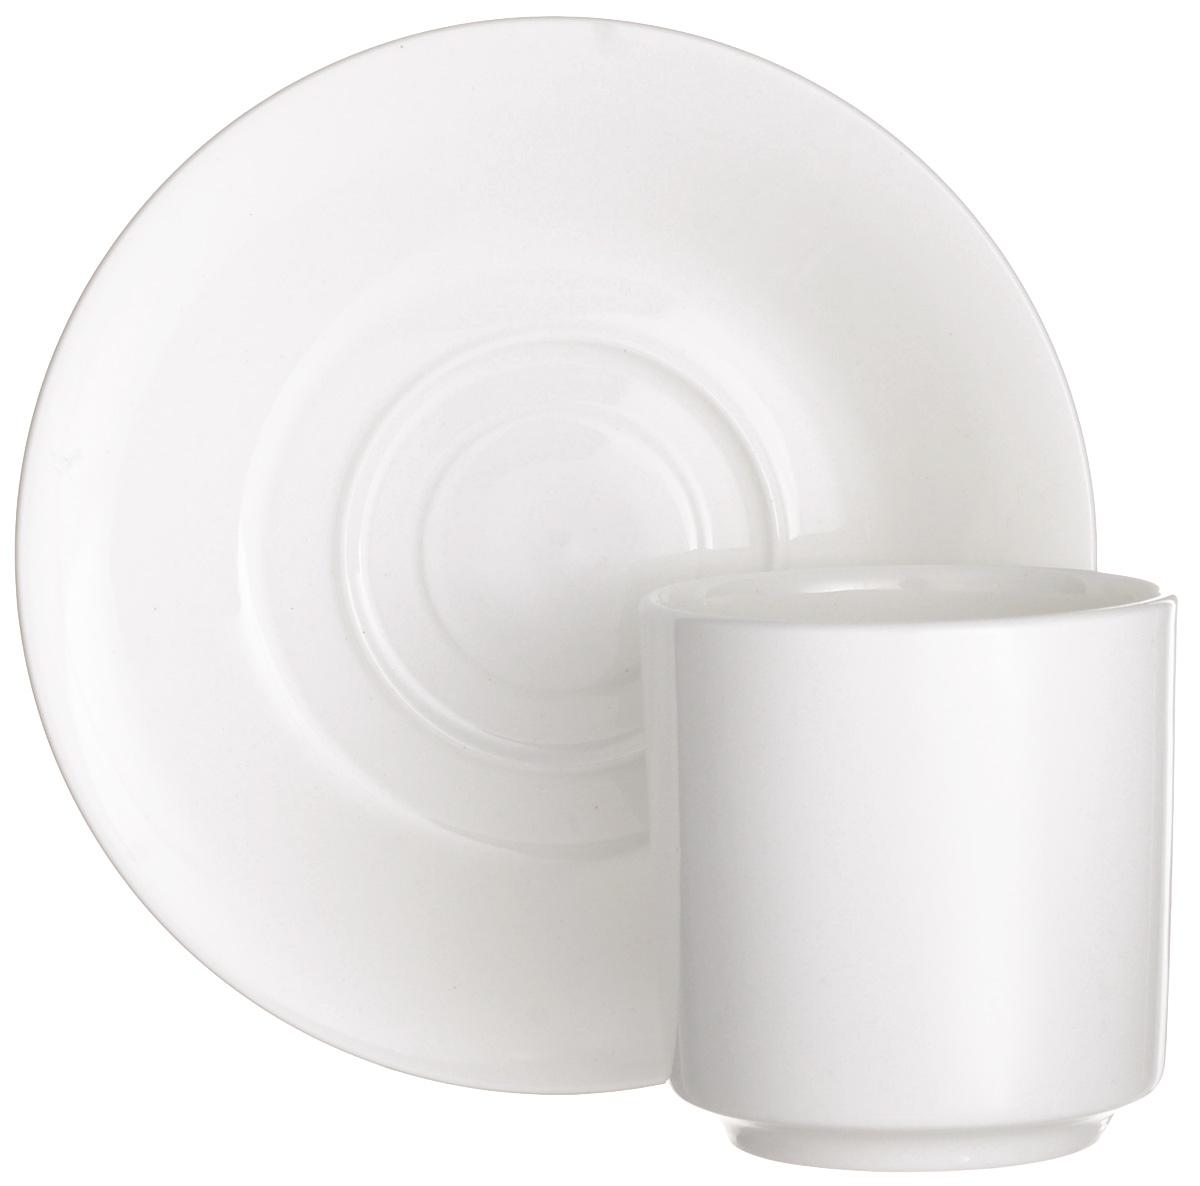 Чайная пара Wilmax, 2 предмета. WL-99302054 009312Чайная пара Wilmax состоит из чашки и блюдца, выполненных из высококачественного фарфора.Чайная пара украсит ваш кухонный стол, а также станет замечательным подарком к любому празднику.Объем чашки: 150 мл.Диаметр чашки (по верхнему краю): 6,5 см.Диаметр основания чашки: 4,5 см.Высота чашки: 7 см.Диаметр блюдца: 14 см.